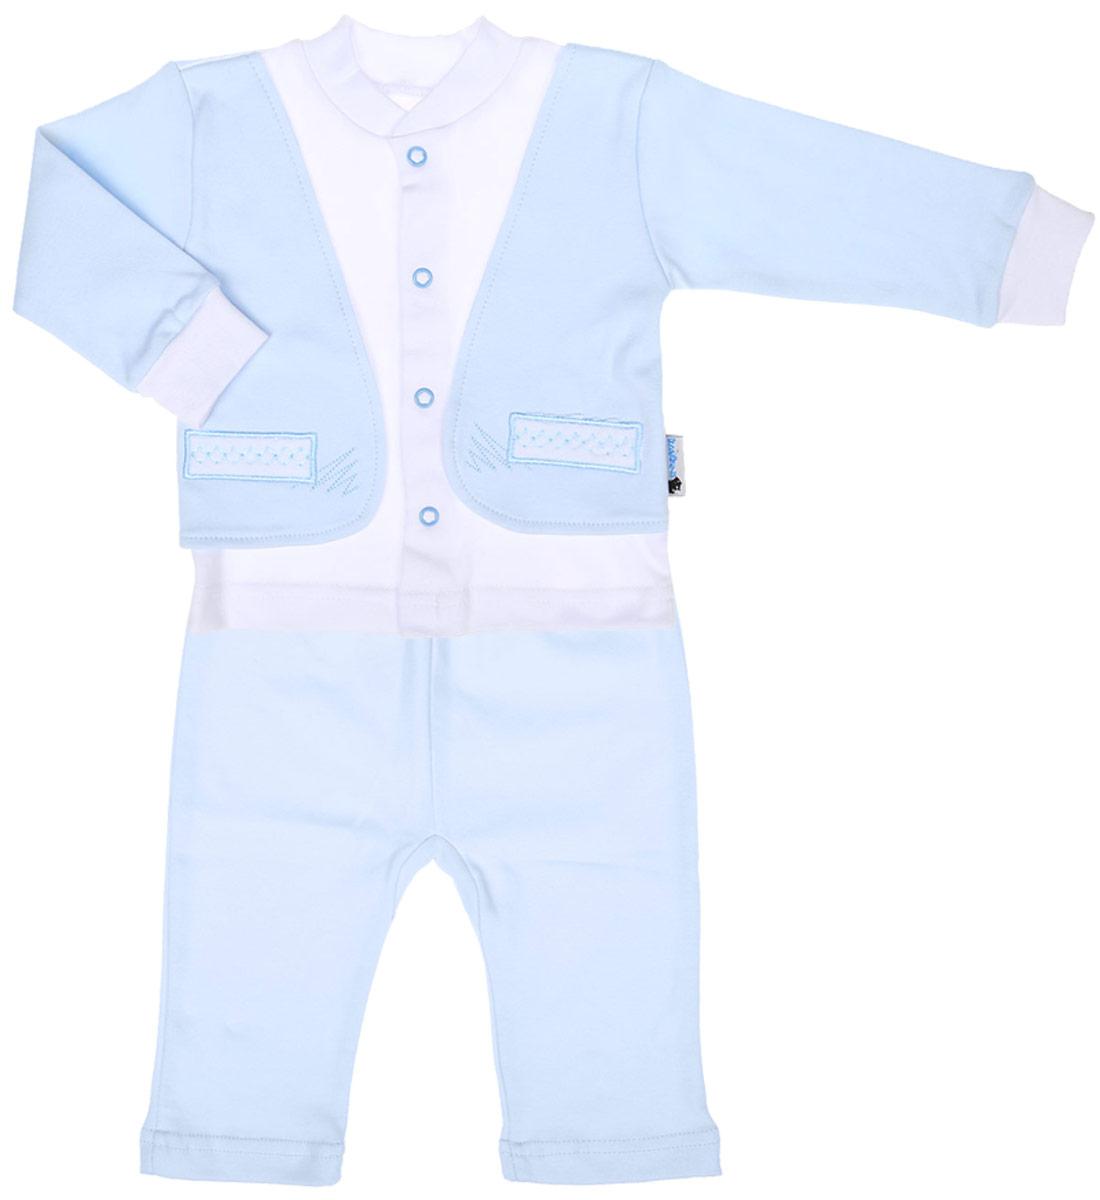 Комплект для мальчика Клякса: кофточка, штанишки, цвет: светло-голубой, белый. 37к-2005. Размер 8037к-2005Комплект для мальчика Клякса, изготовленный из натурального хлопка, состоит из кофточки и штанишек. Кофточка с имитацией пиджака застегивается спереди на кнопки. Модель с длинными рукавами имеет круглый вырез горловины, дополненный мягкой трикотажной резинкой. На рукавах предусмотрены эластичные манжеты. Кофточка украшена вышивкой. Штанишки с завышенной линией талии имеют мягкий эластичный пояс.